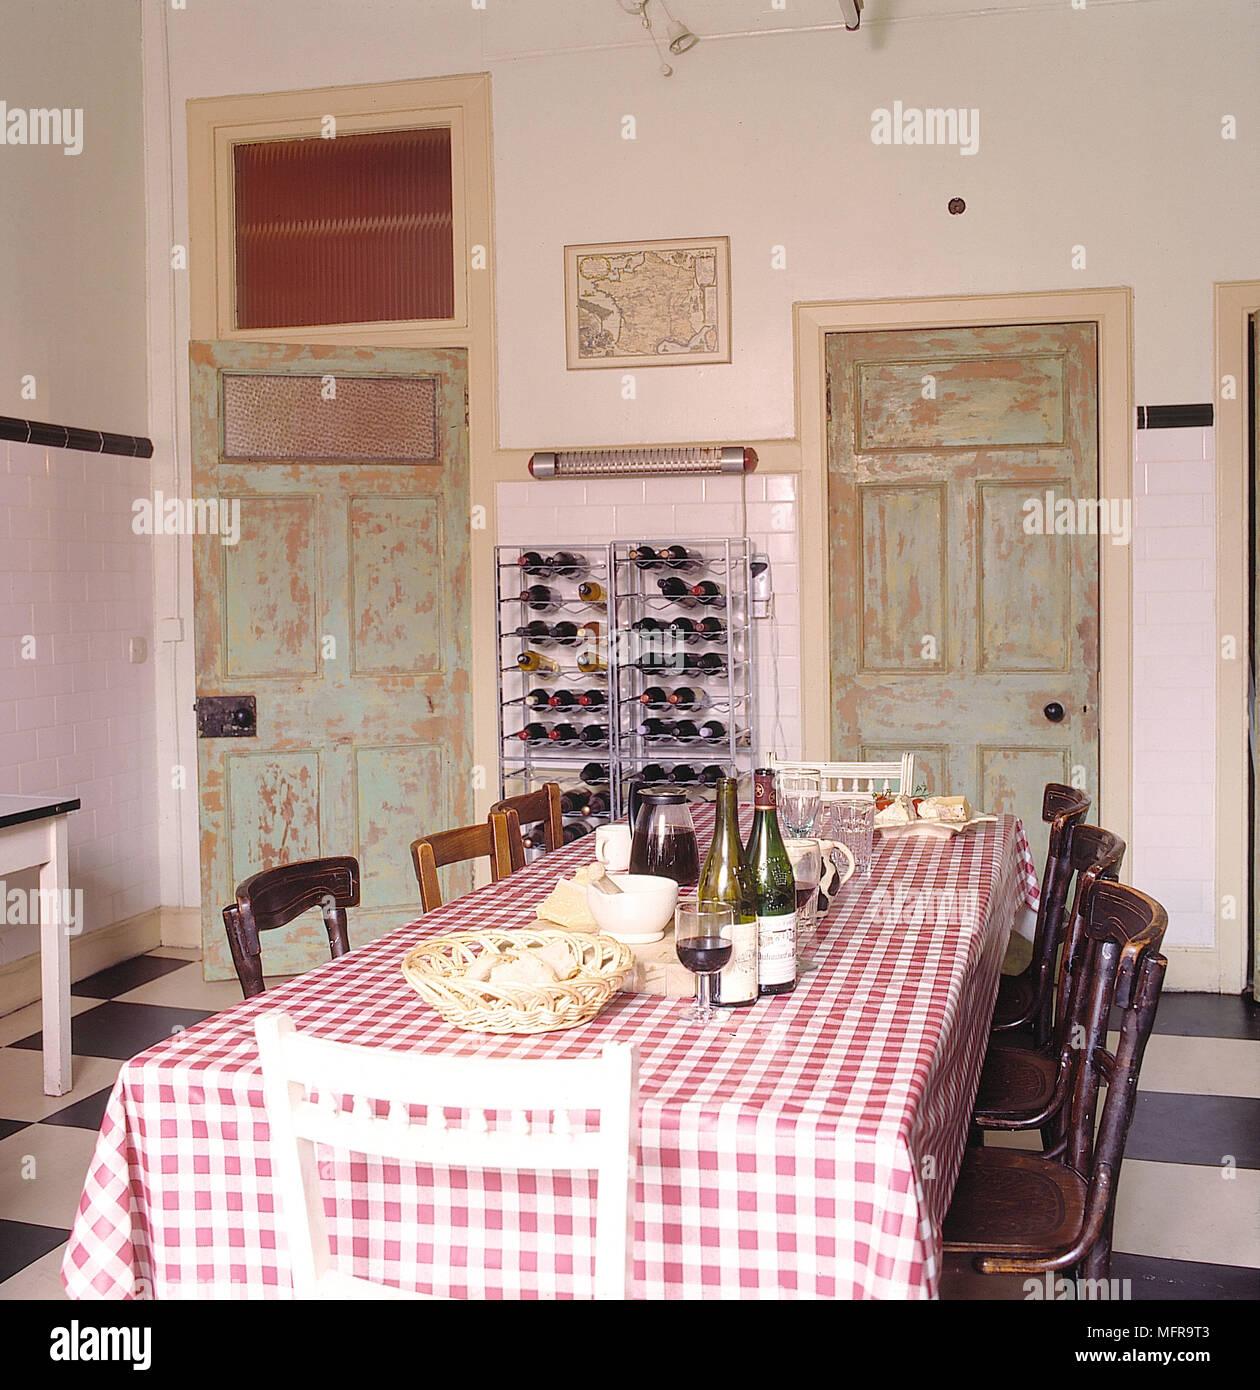 Cuisine Carreaux à murs blancs cuisine carreaux de céramique longue table chaises